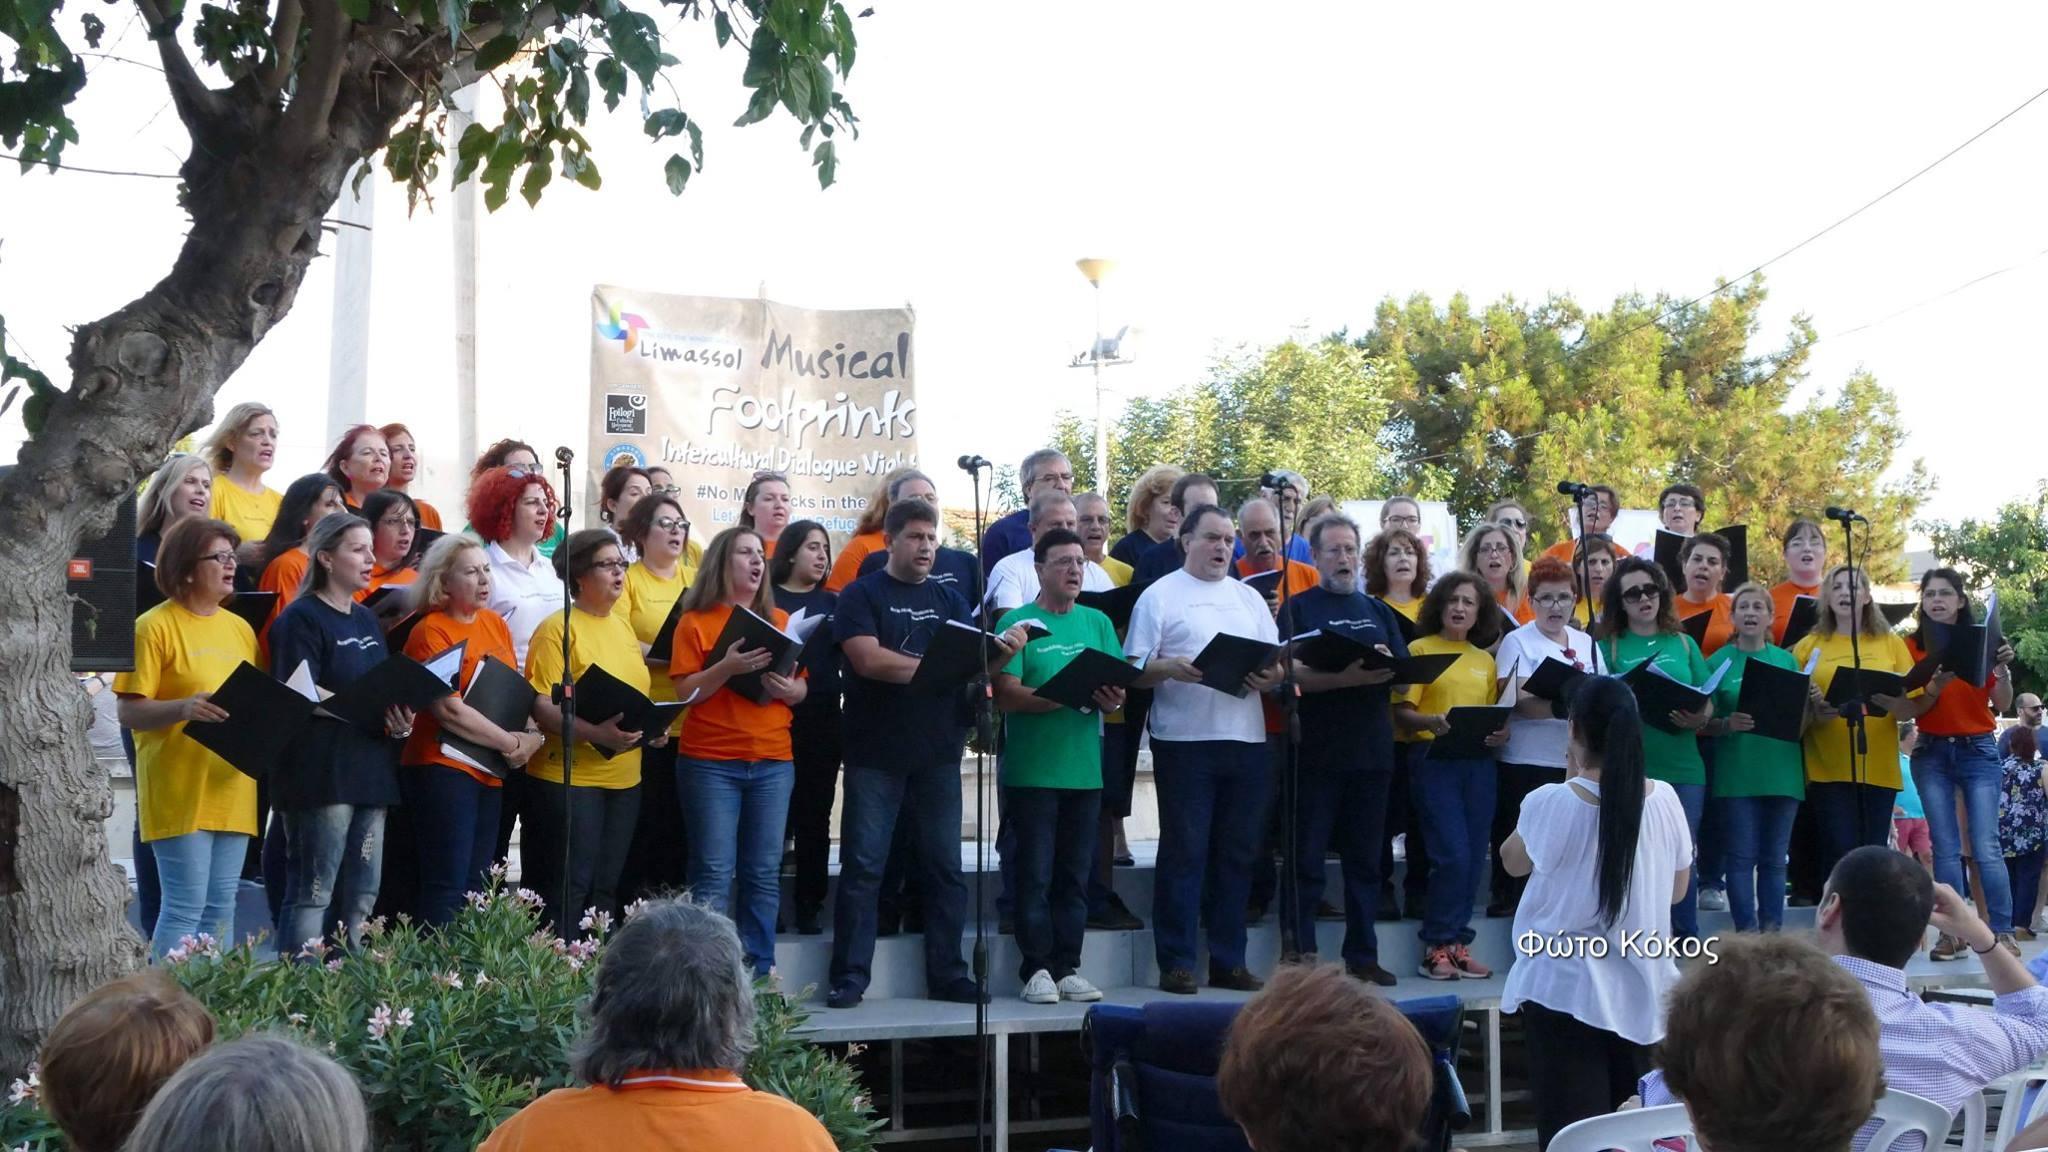 """Διαπολιτισμικό Φεστιβάλ """"Μουσικά Αποτυπώματα"""" – Δήμος Λεμεσού (18.6.2018)"""